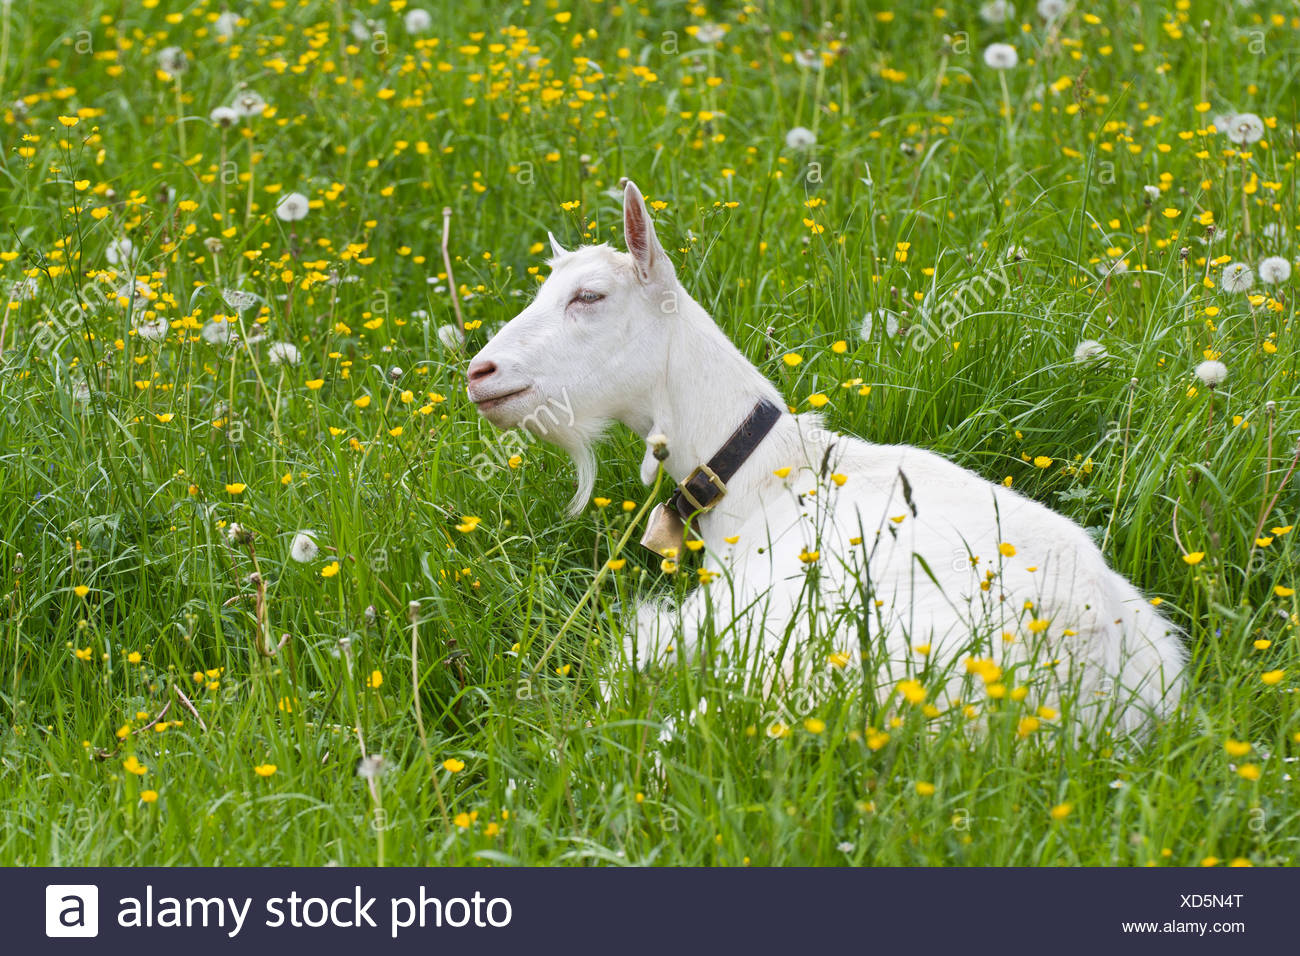 Ziege (Capra Aegagrus Hircus), Alpsteingebirge Berge, Kanton St. Gallen, Schweiz, Europa Stockbild